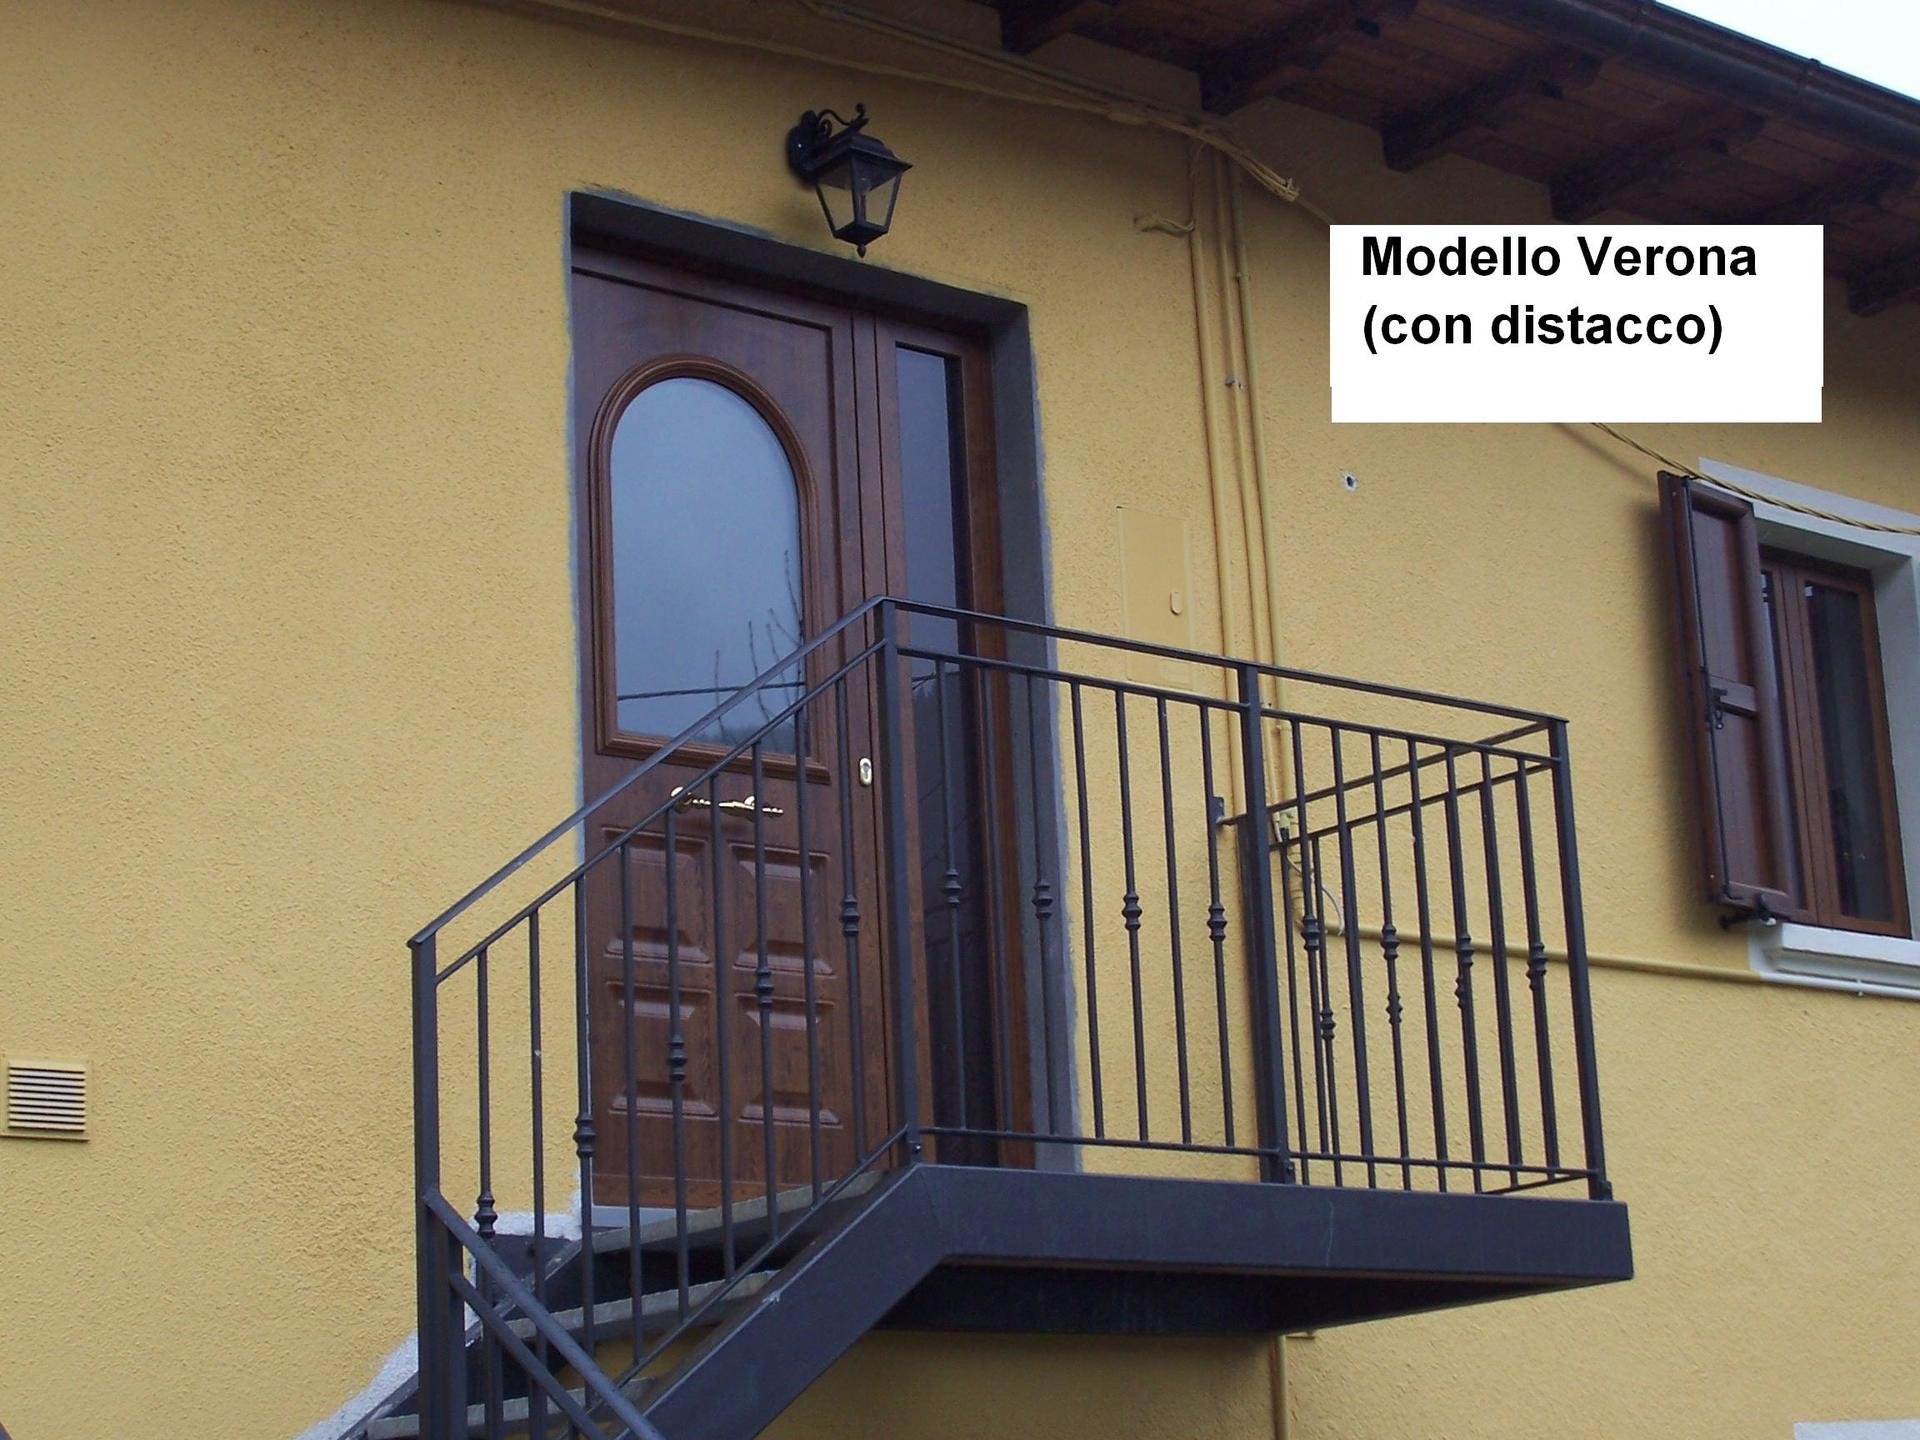 vista di una casa gialla con porta in legno e vetro e ringhiera in scala  Modello Verona